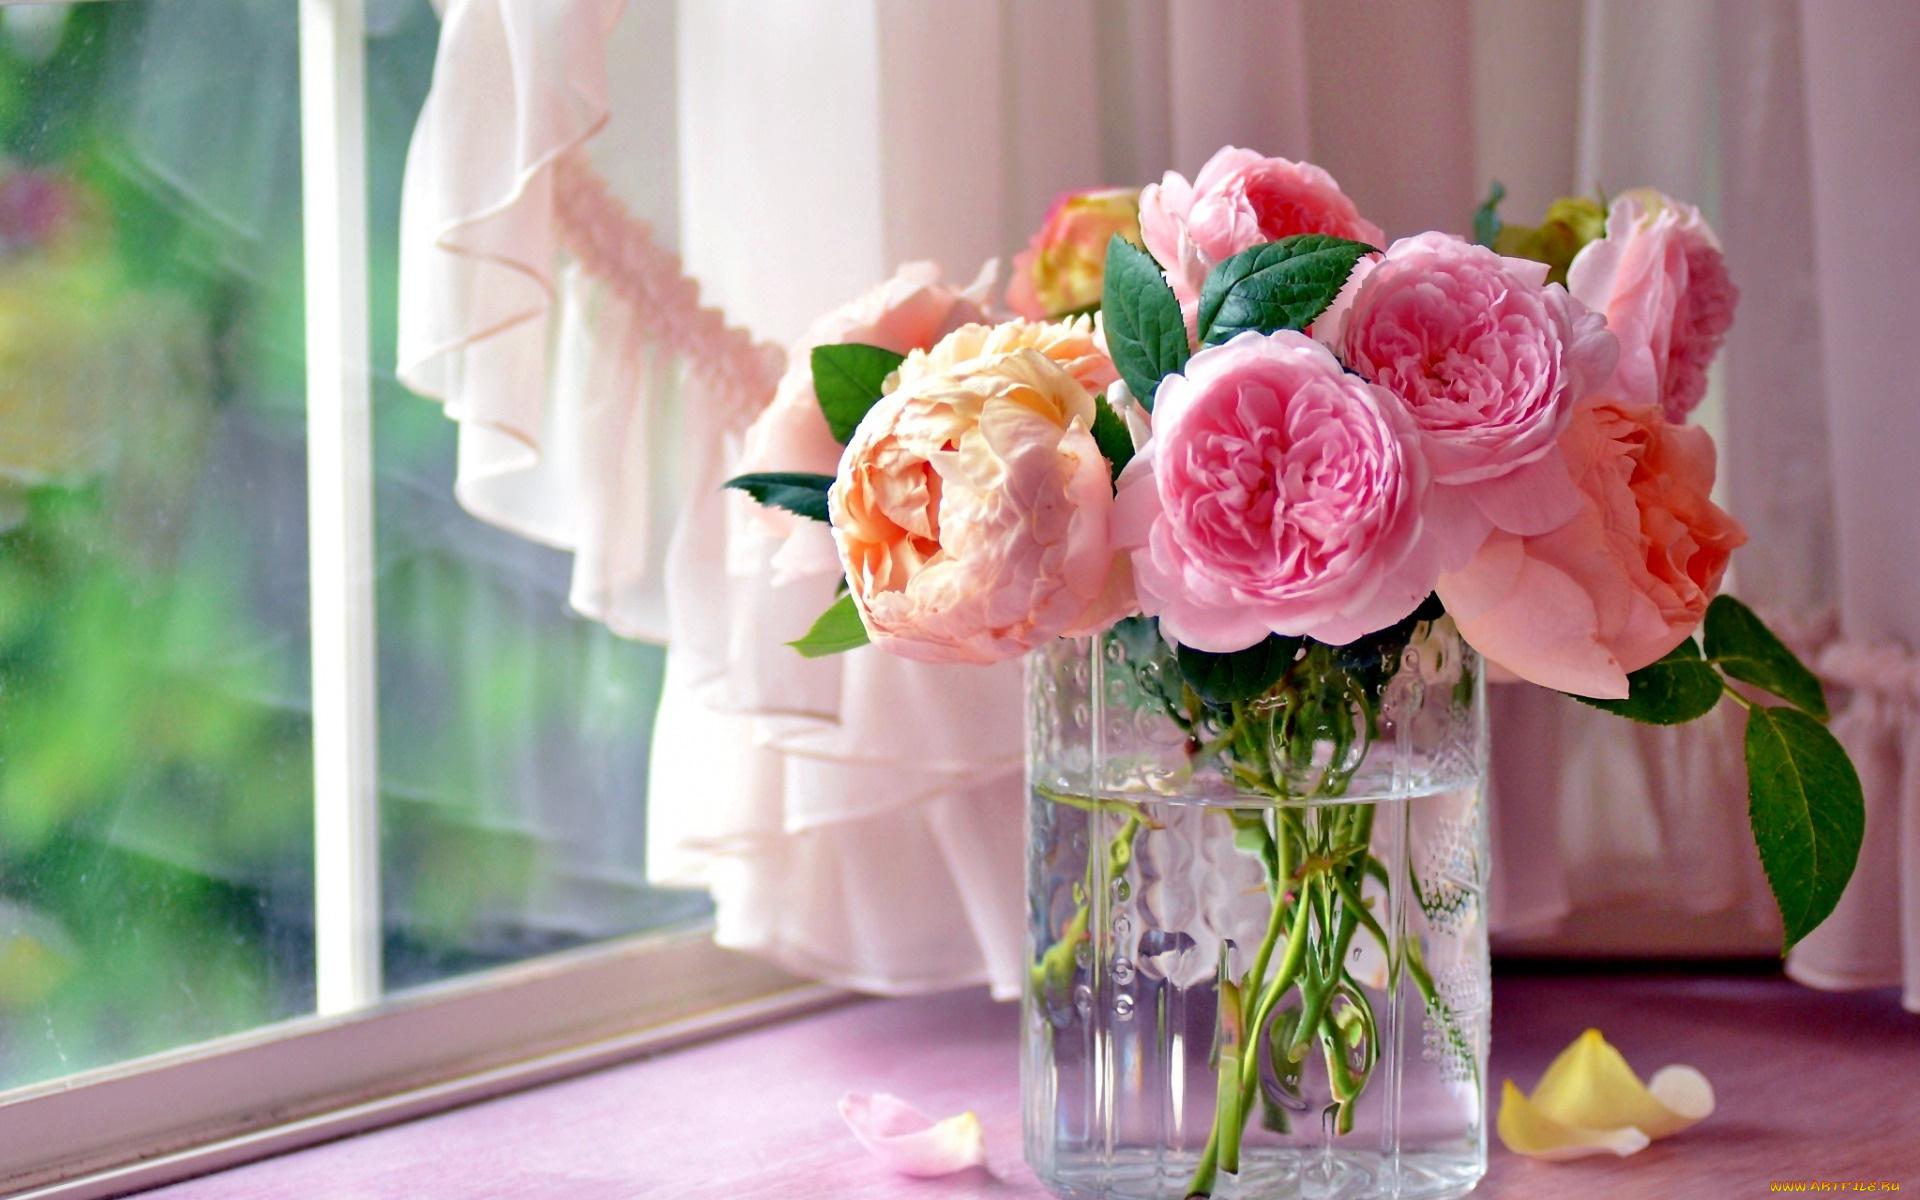 Любимому, открытки с букетами цветов в вазе